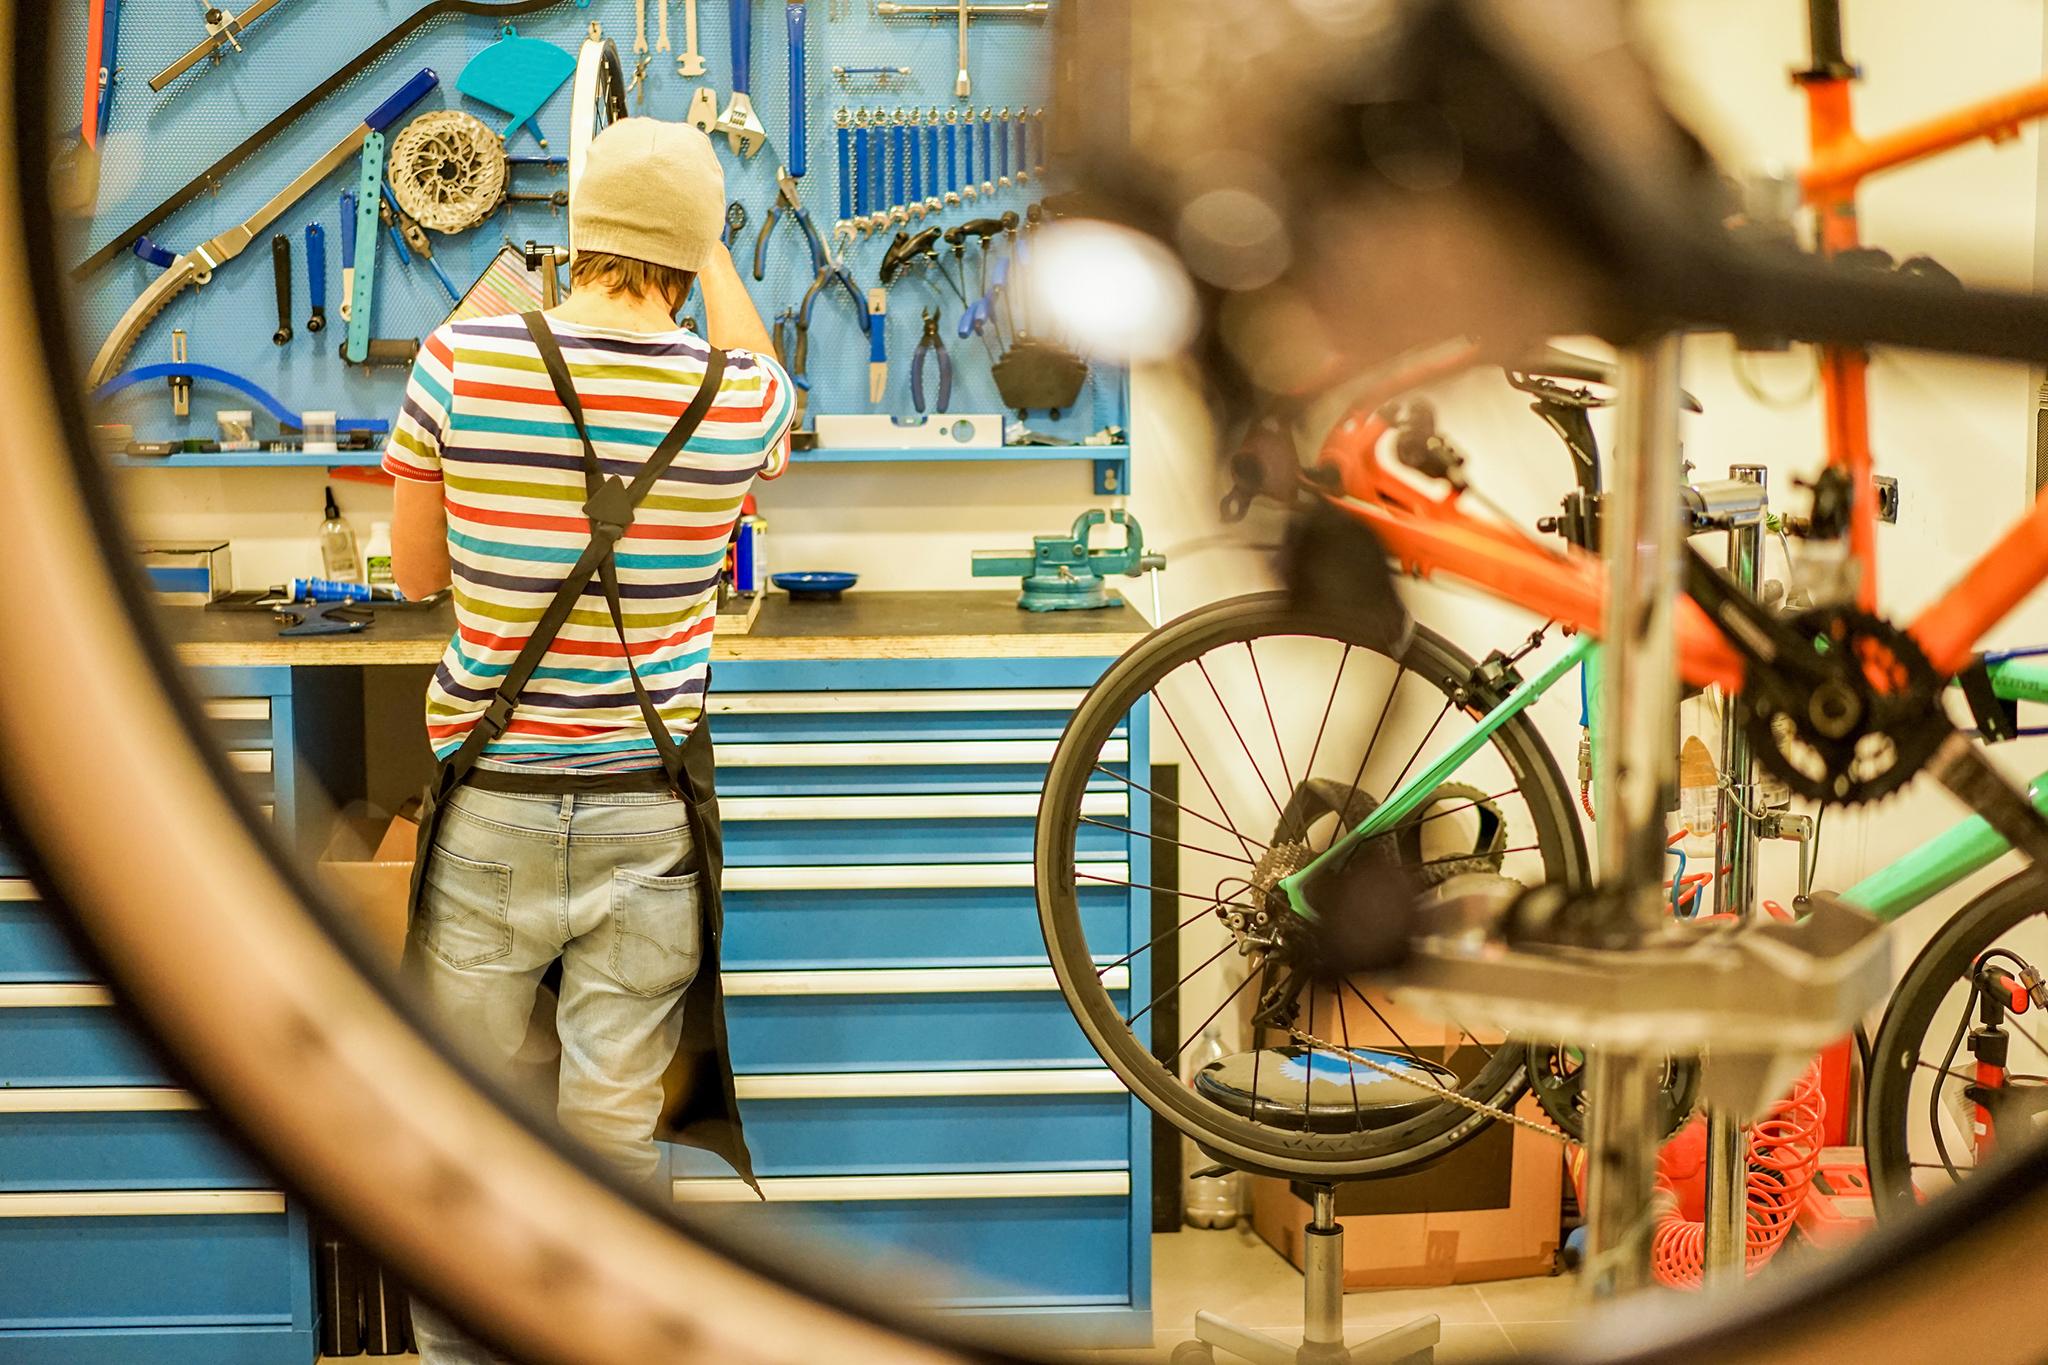 mechanic preparing bicycles in workshop